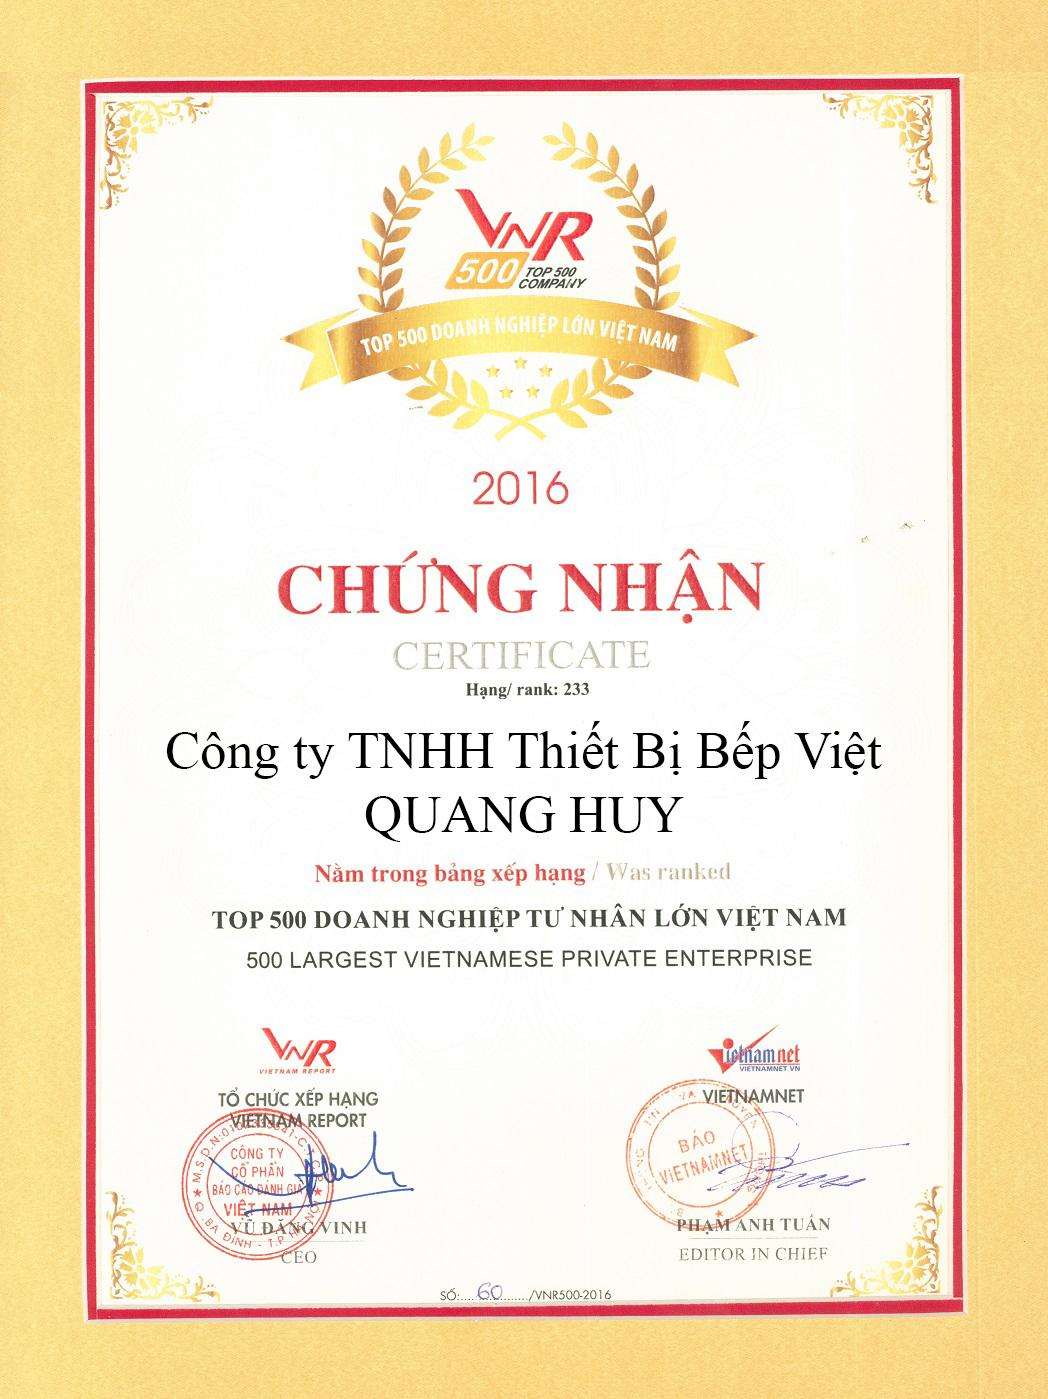 Những cống hiến của Quang Huy luôn được đánh giá cao